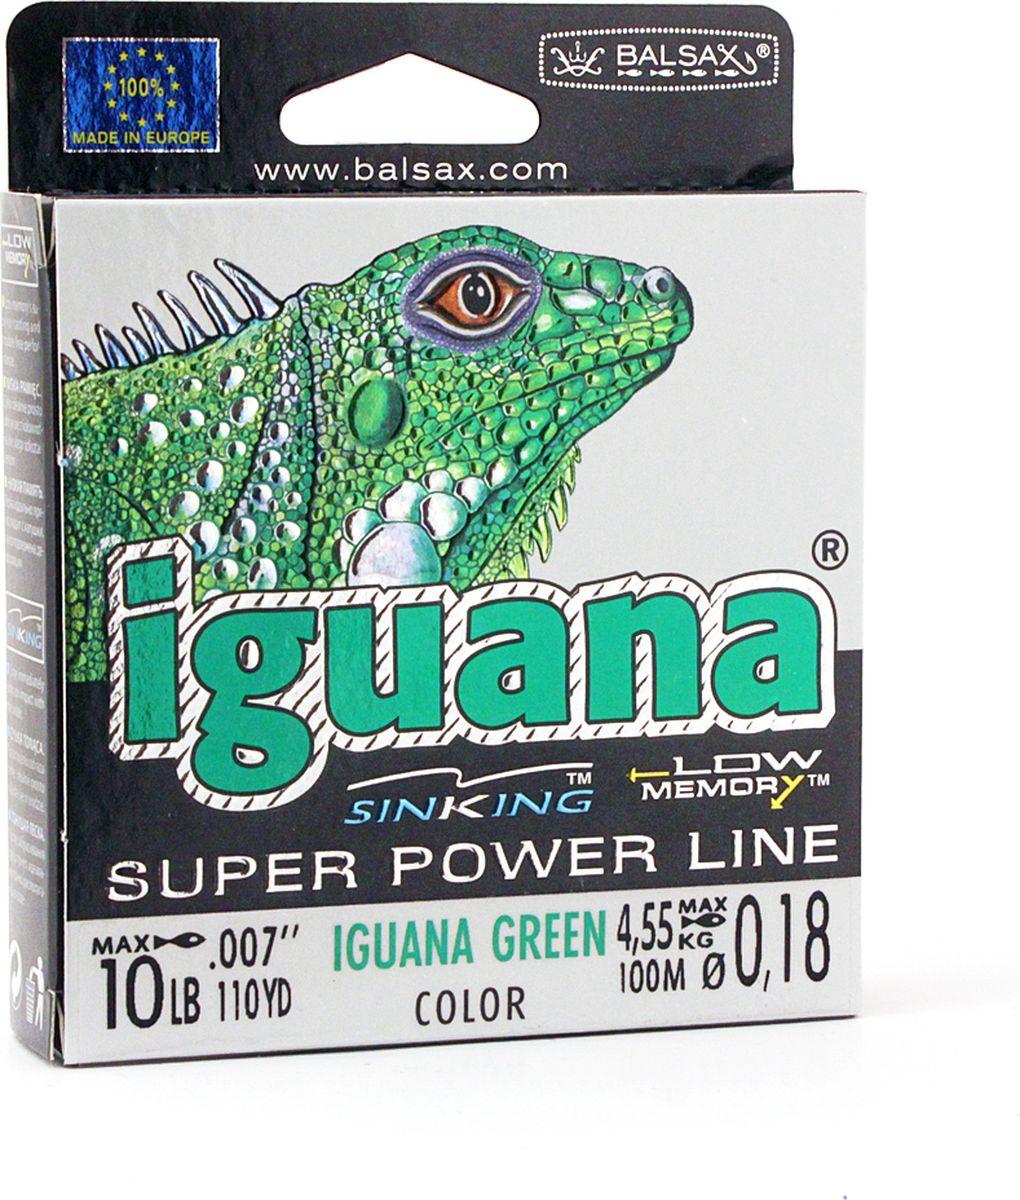 """Сверхэффективная леска, которая позволит изловить рыбу несмотря на ее рывки и сопротивление. """"Iguana"""" -  это леска, сочетающая в себе мощность с чувствительностью в приложении к любым условиям рыбалки и полностью отвечающая самым серьезным требованиям рыболовов. Стопроцентное сохранение прочности на узле. Обычно каждый узел ослабляет леску, """"Iguana"""" же - совсем другая: даже два узла, завязанные на ней, не сильно ослабляют ее.Низкая степень растяжимости. """"Iguana"""" успешно амортизирует внезапные рыбьи рывки, одновременно имея невысокую степень растяжимости, что позволяет наиболее успешно укротить рыбу. Сопротивление истиранию. Любой надрез, насечка или царапина на полимерных лесках обычно быстро приводят к их разрыву, разрушению. """"Iguana"""" полностью лишена такого недостатка."""